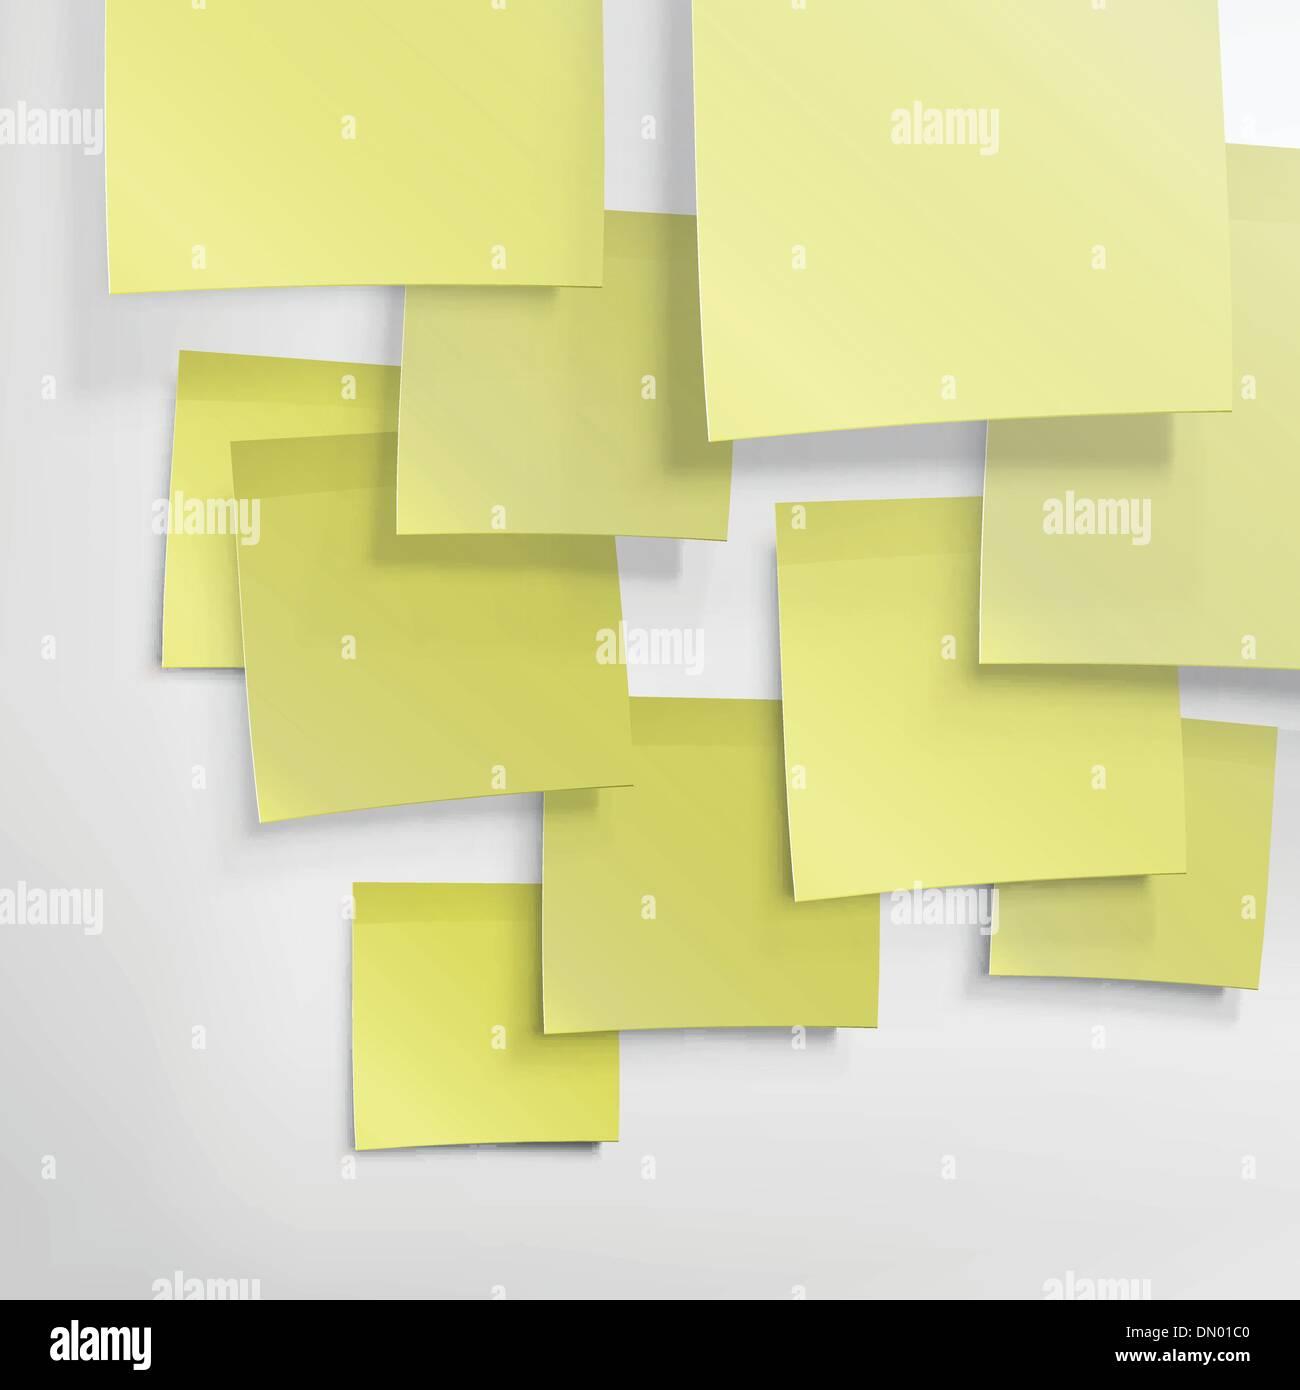 Notas adhesivas amarillas. Resumen Antecedentes, vector EPS10 Imagen De Stock